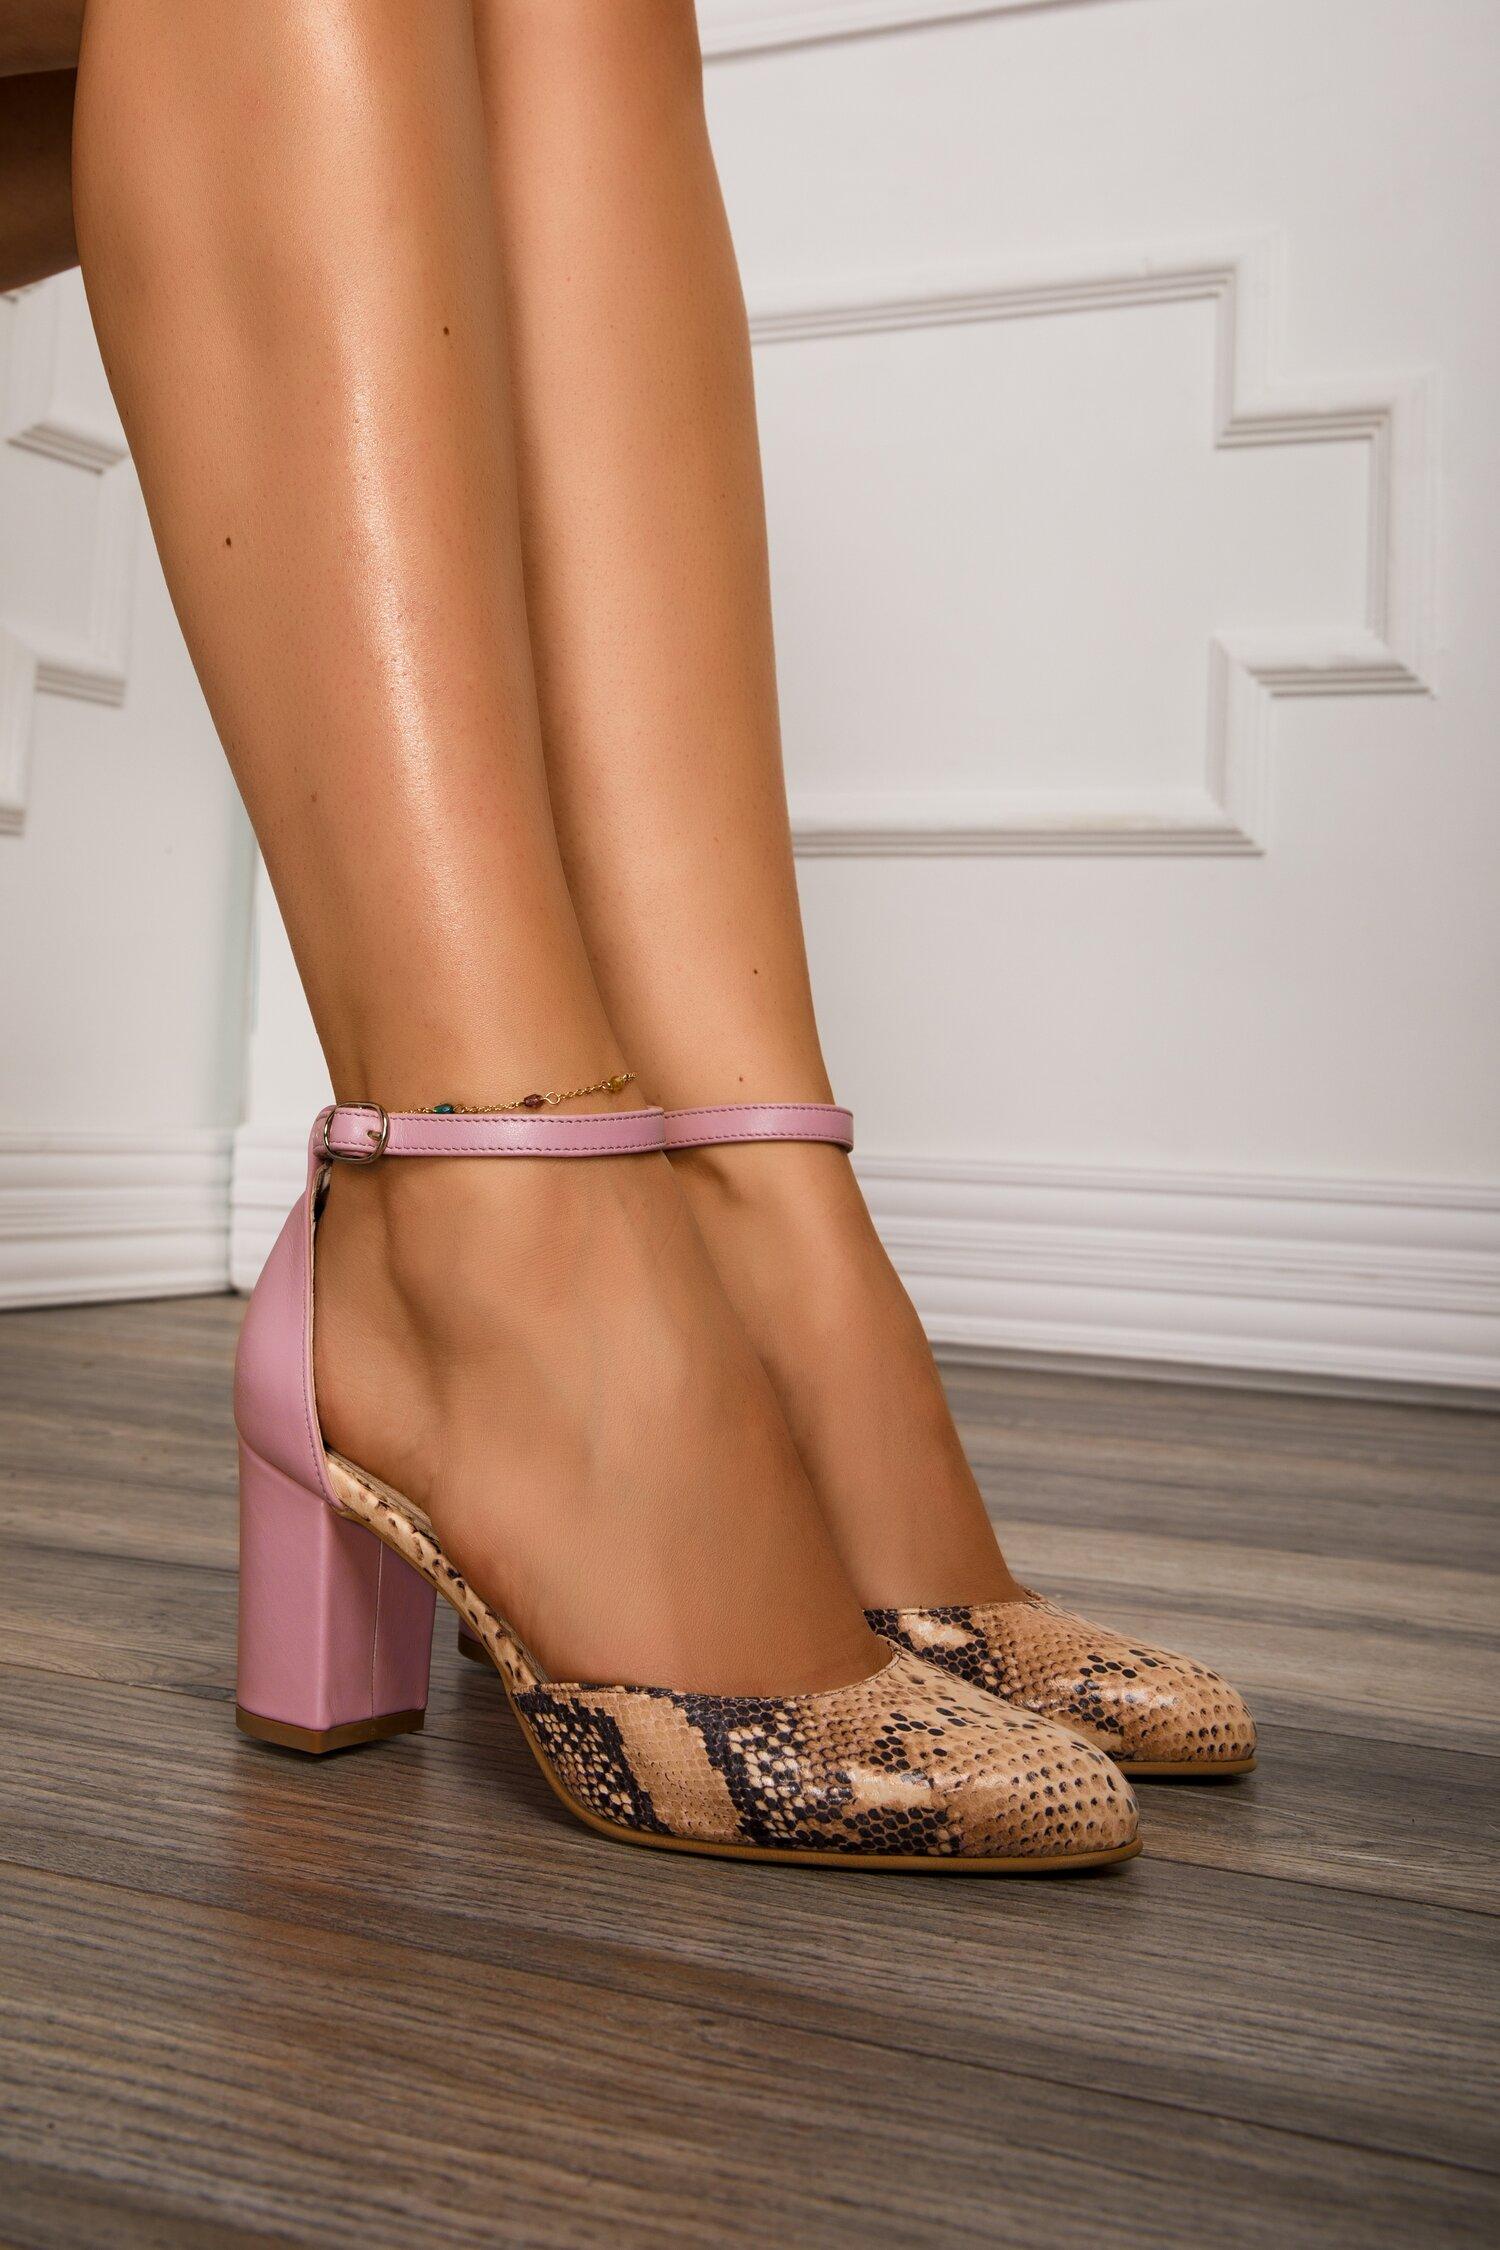 Pantofi roz cu imprimeu snake si bareta la glezna imagine